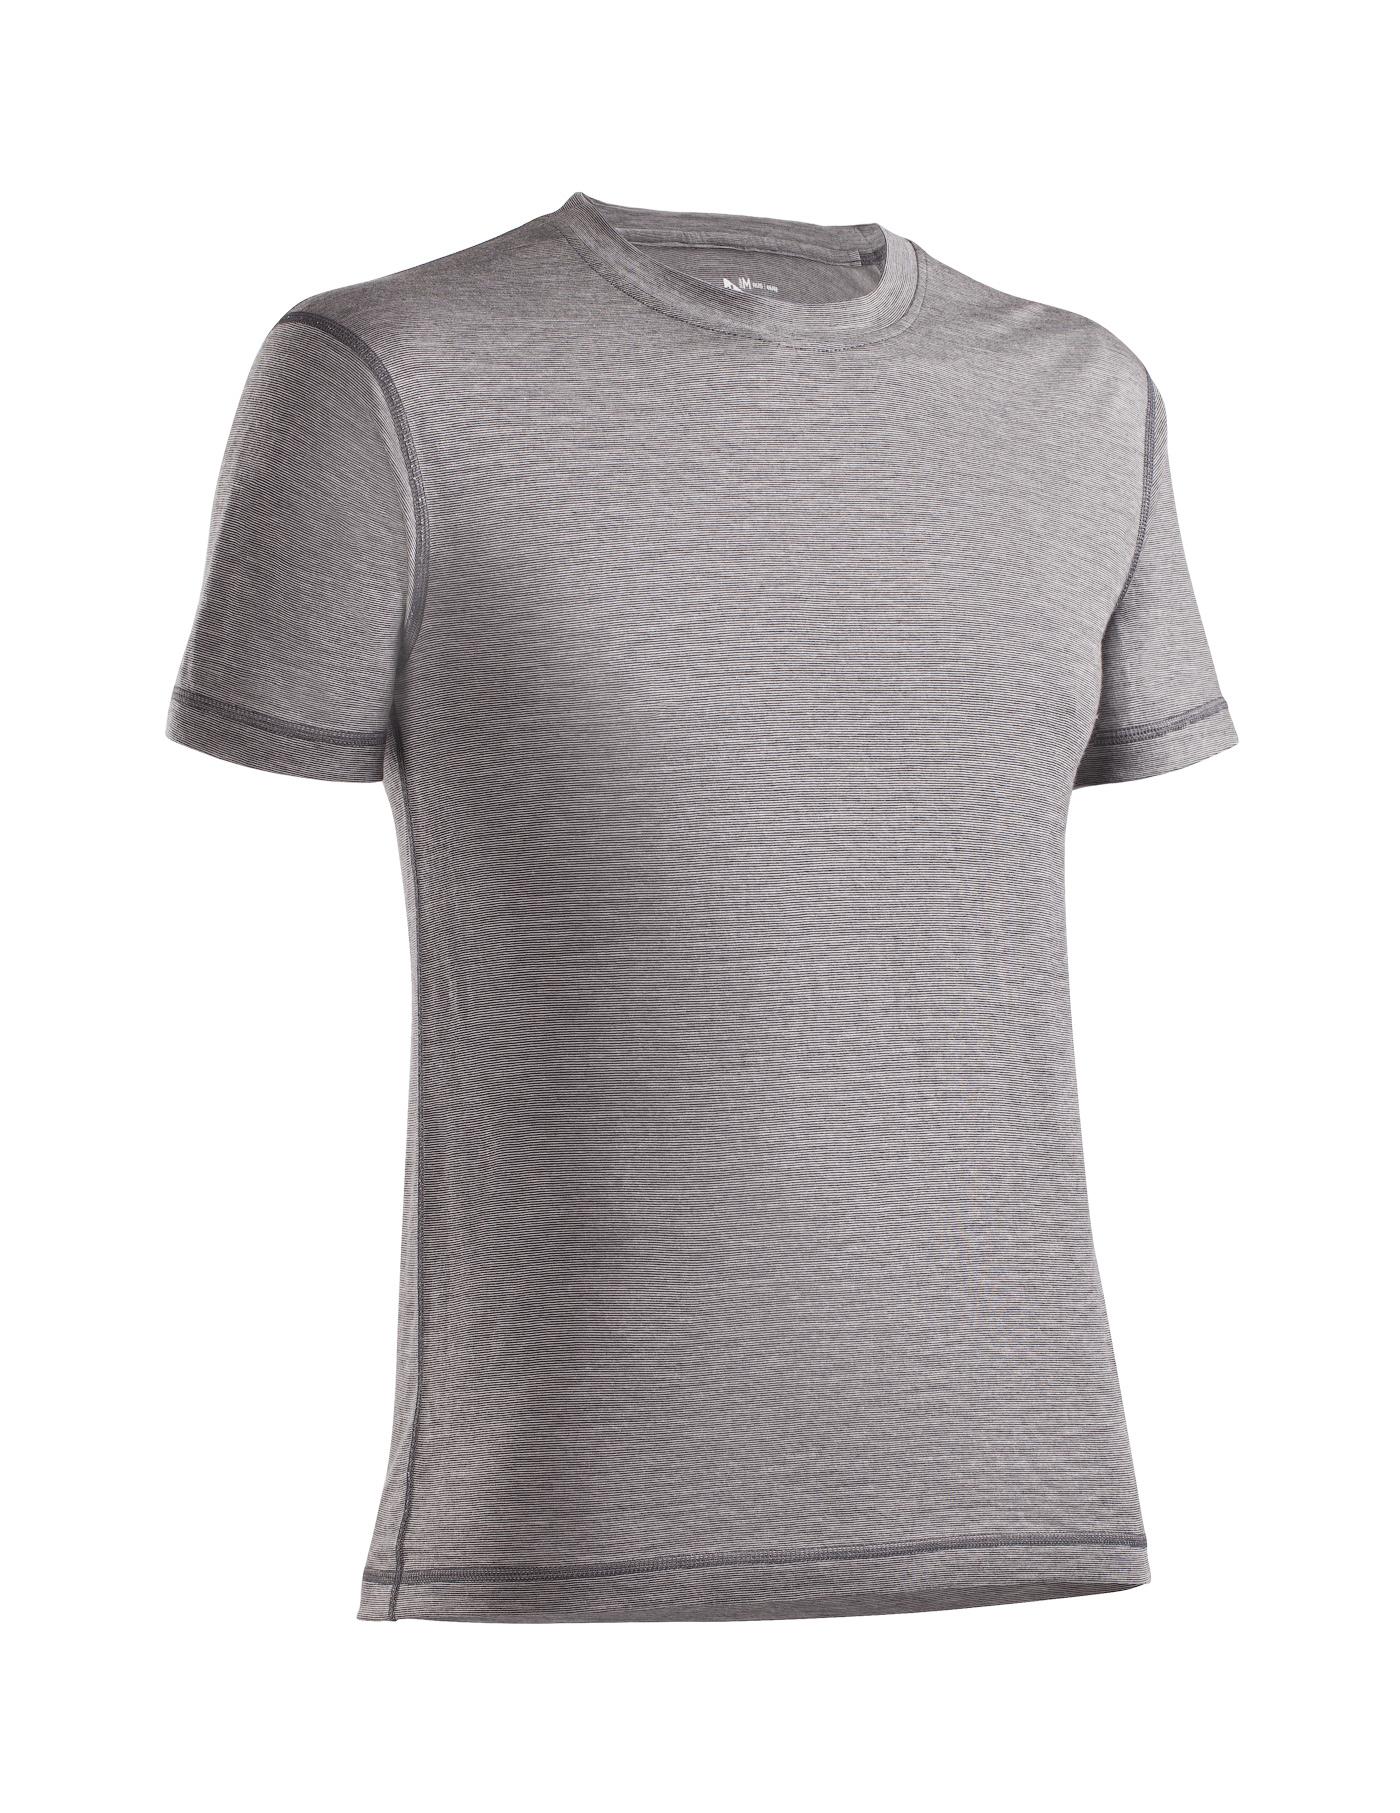 Купить Термобелье футболка BASK MERINO WOOL T-SHIRT серая, Компания БАСК